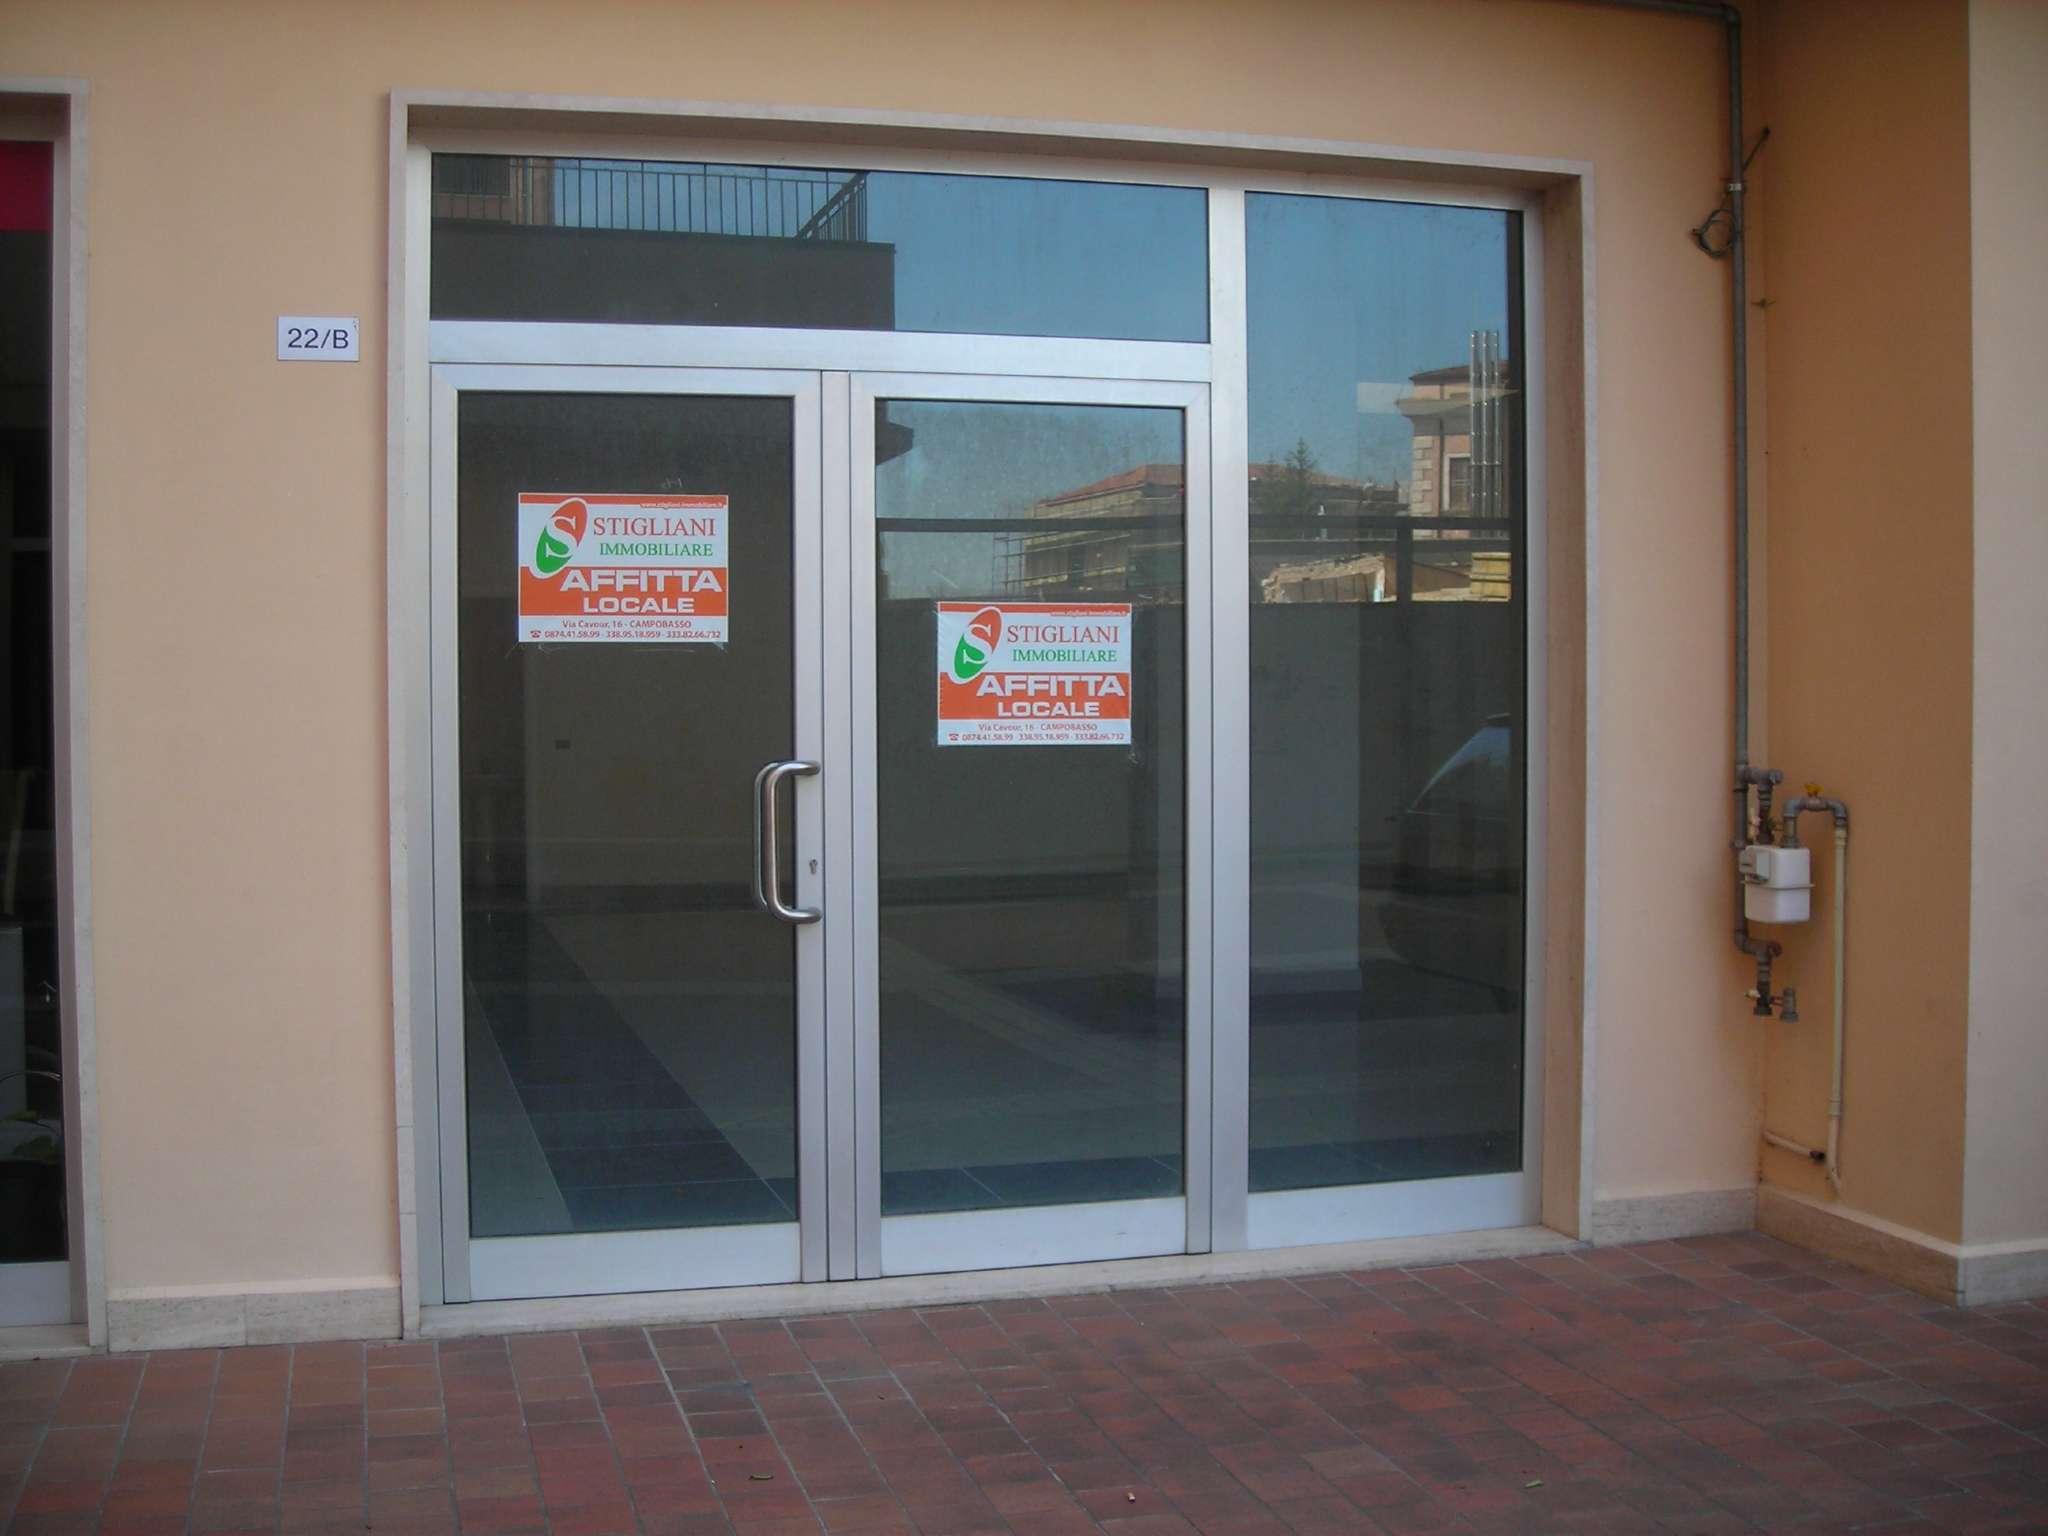 Locale commerciale di mq 105 circa al centro Rif. 7452311